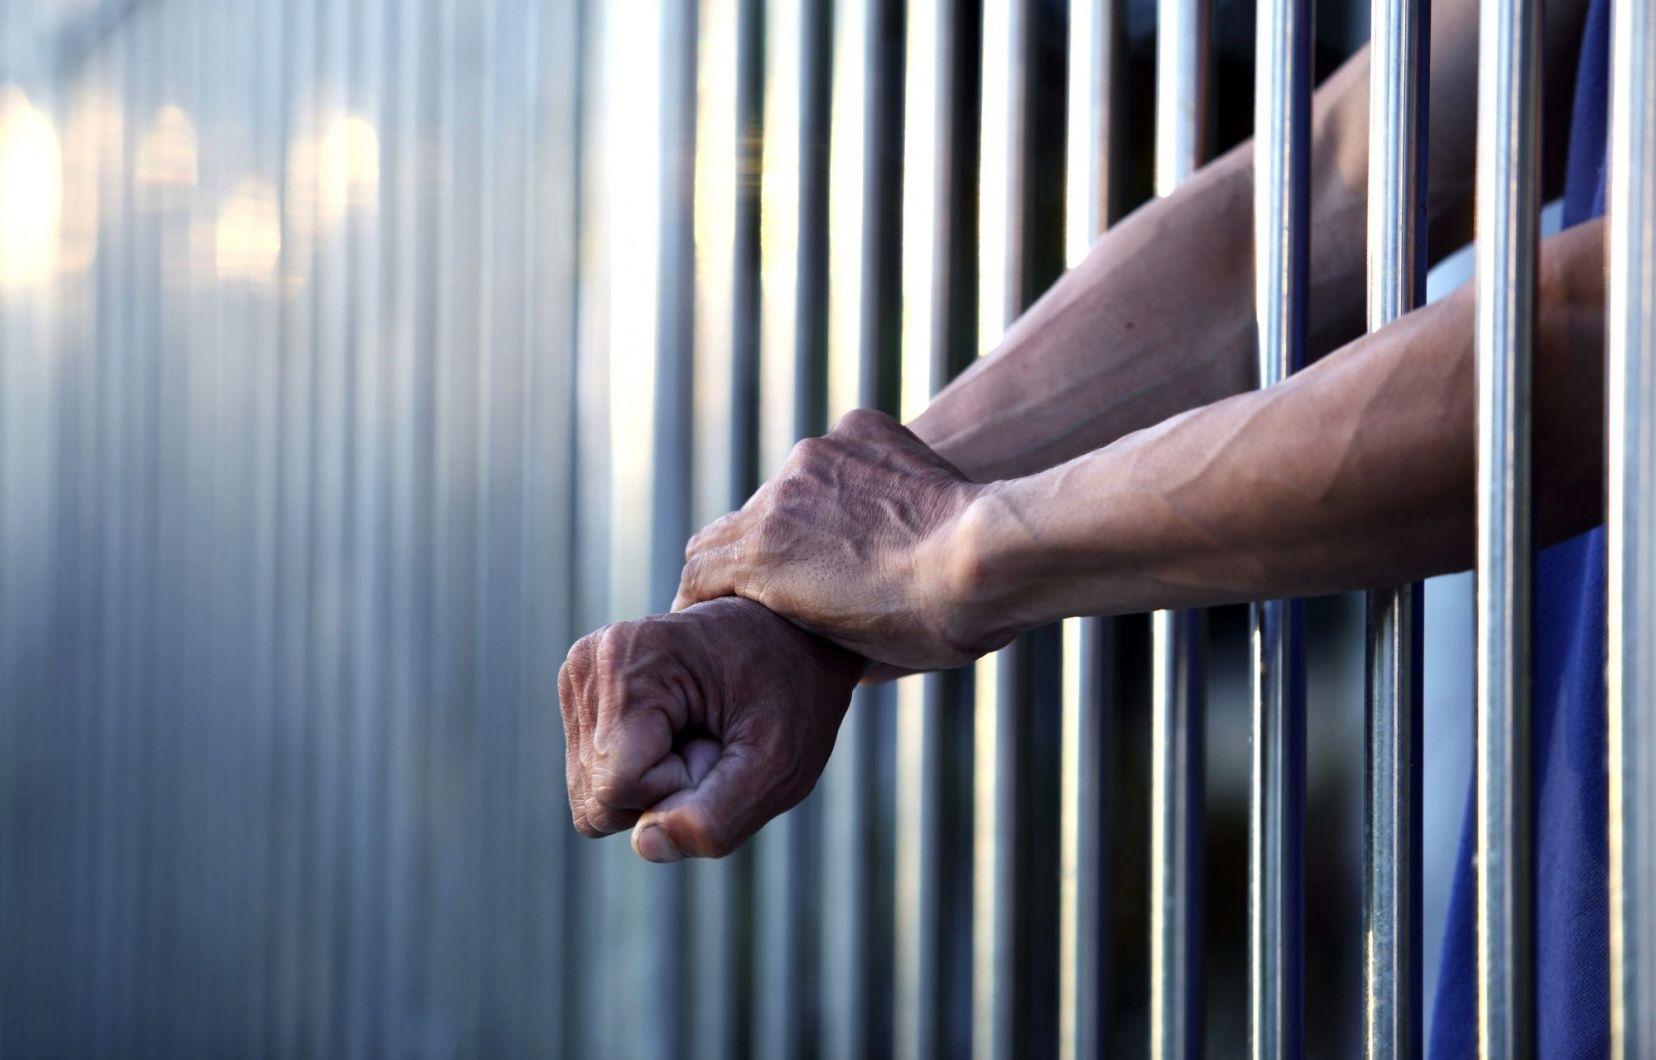 Journée internationale des prisonniers : L'OPC attire l'attention sur des détenus oubliés